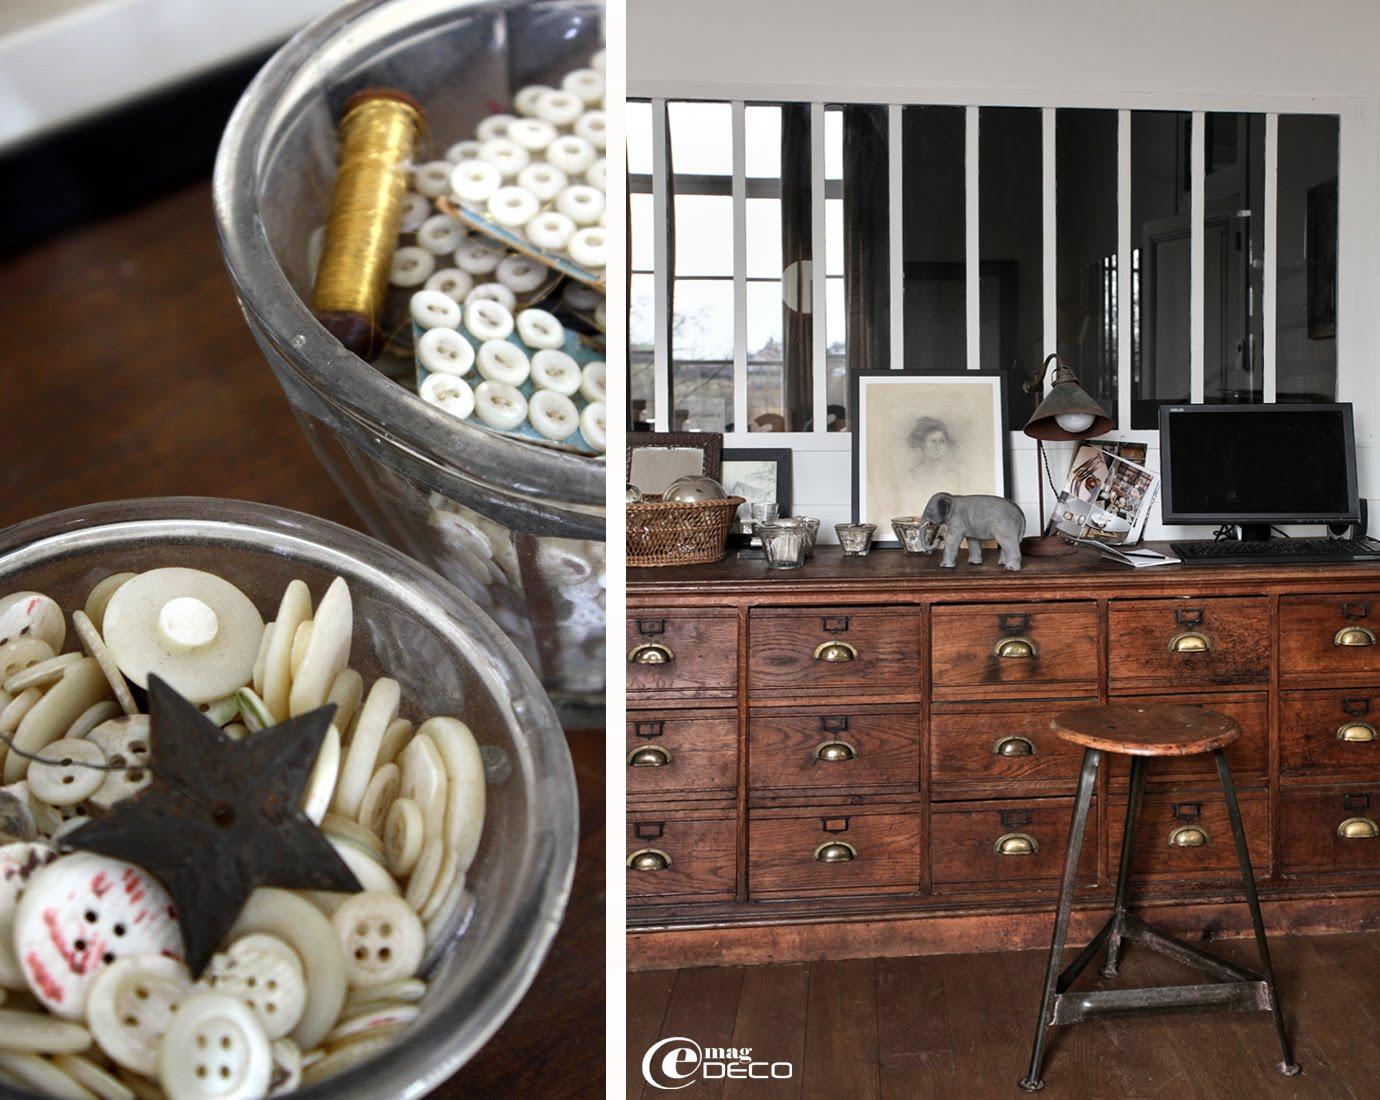 Sur un meuble de grainetier, de vieux boutons de nacre stockés dans des pots de confiture du XIXème siècle